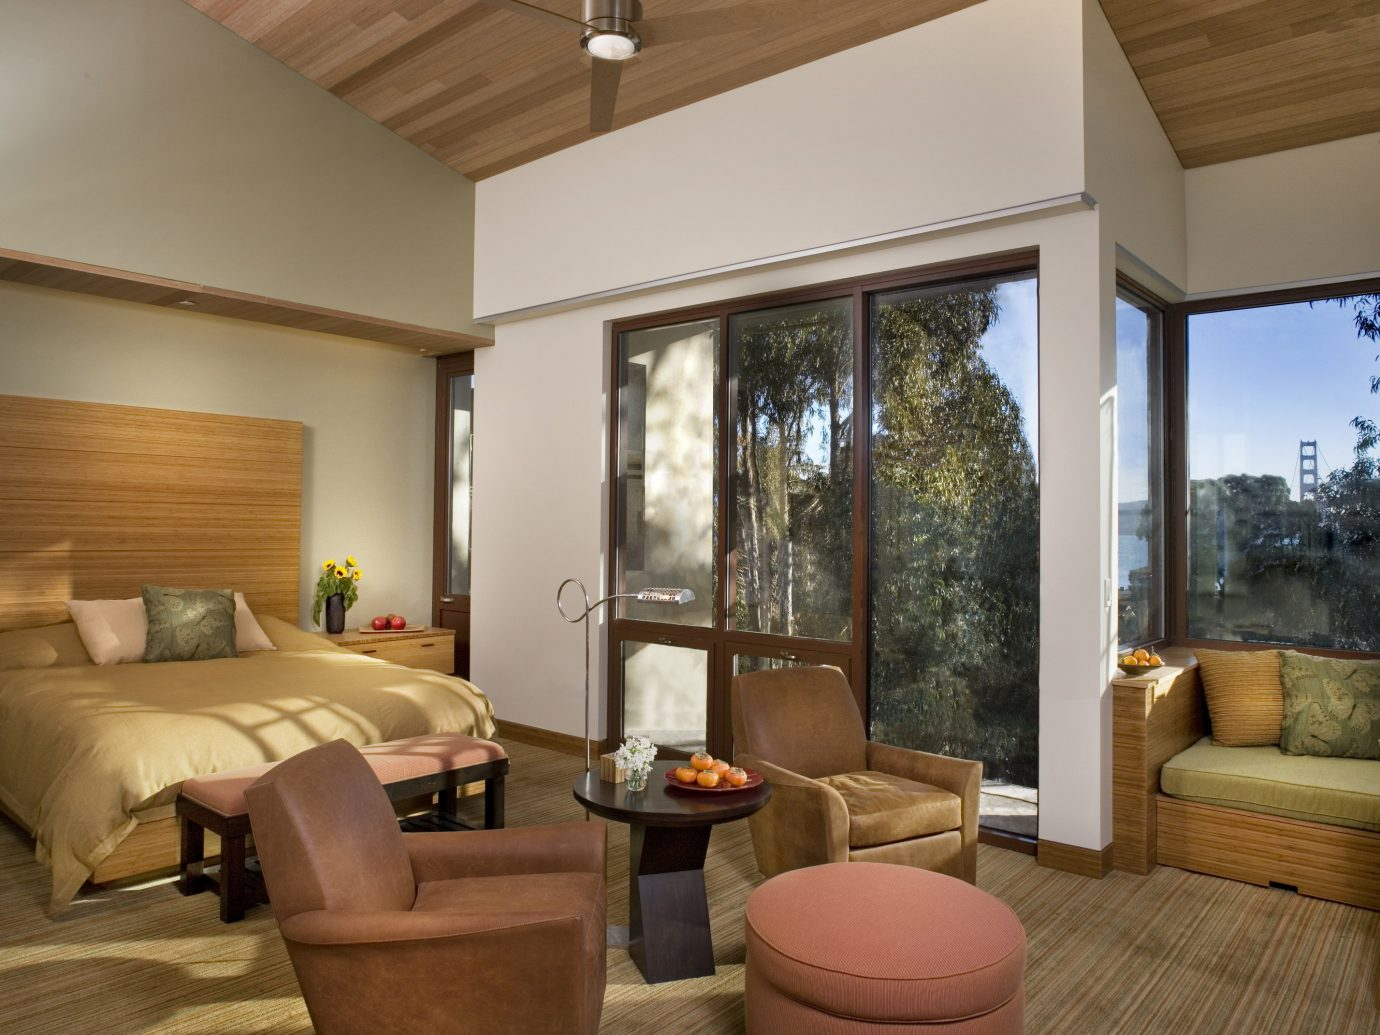 Hotels indoor floor ceiling room window property living room estate home hardwood interior design real estate wood Design Suite furniture wood flooring Villa cottage area